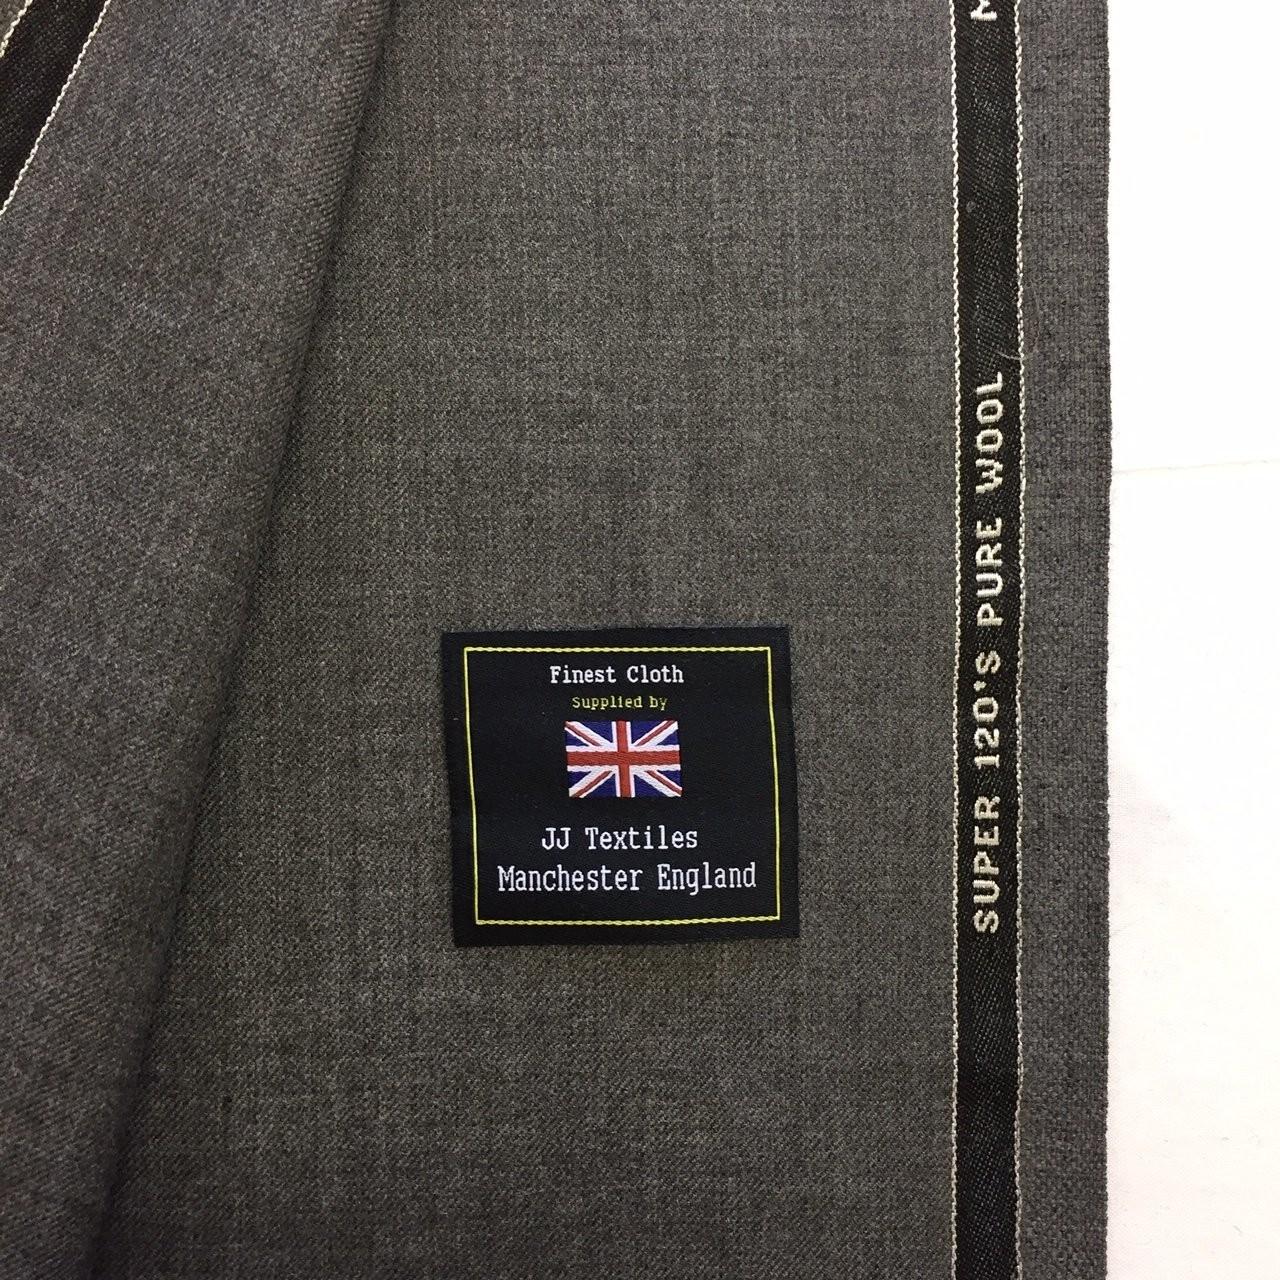 Woven In England 290g PER METRE Dark Navy Super 120s wool Suit Fabric